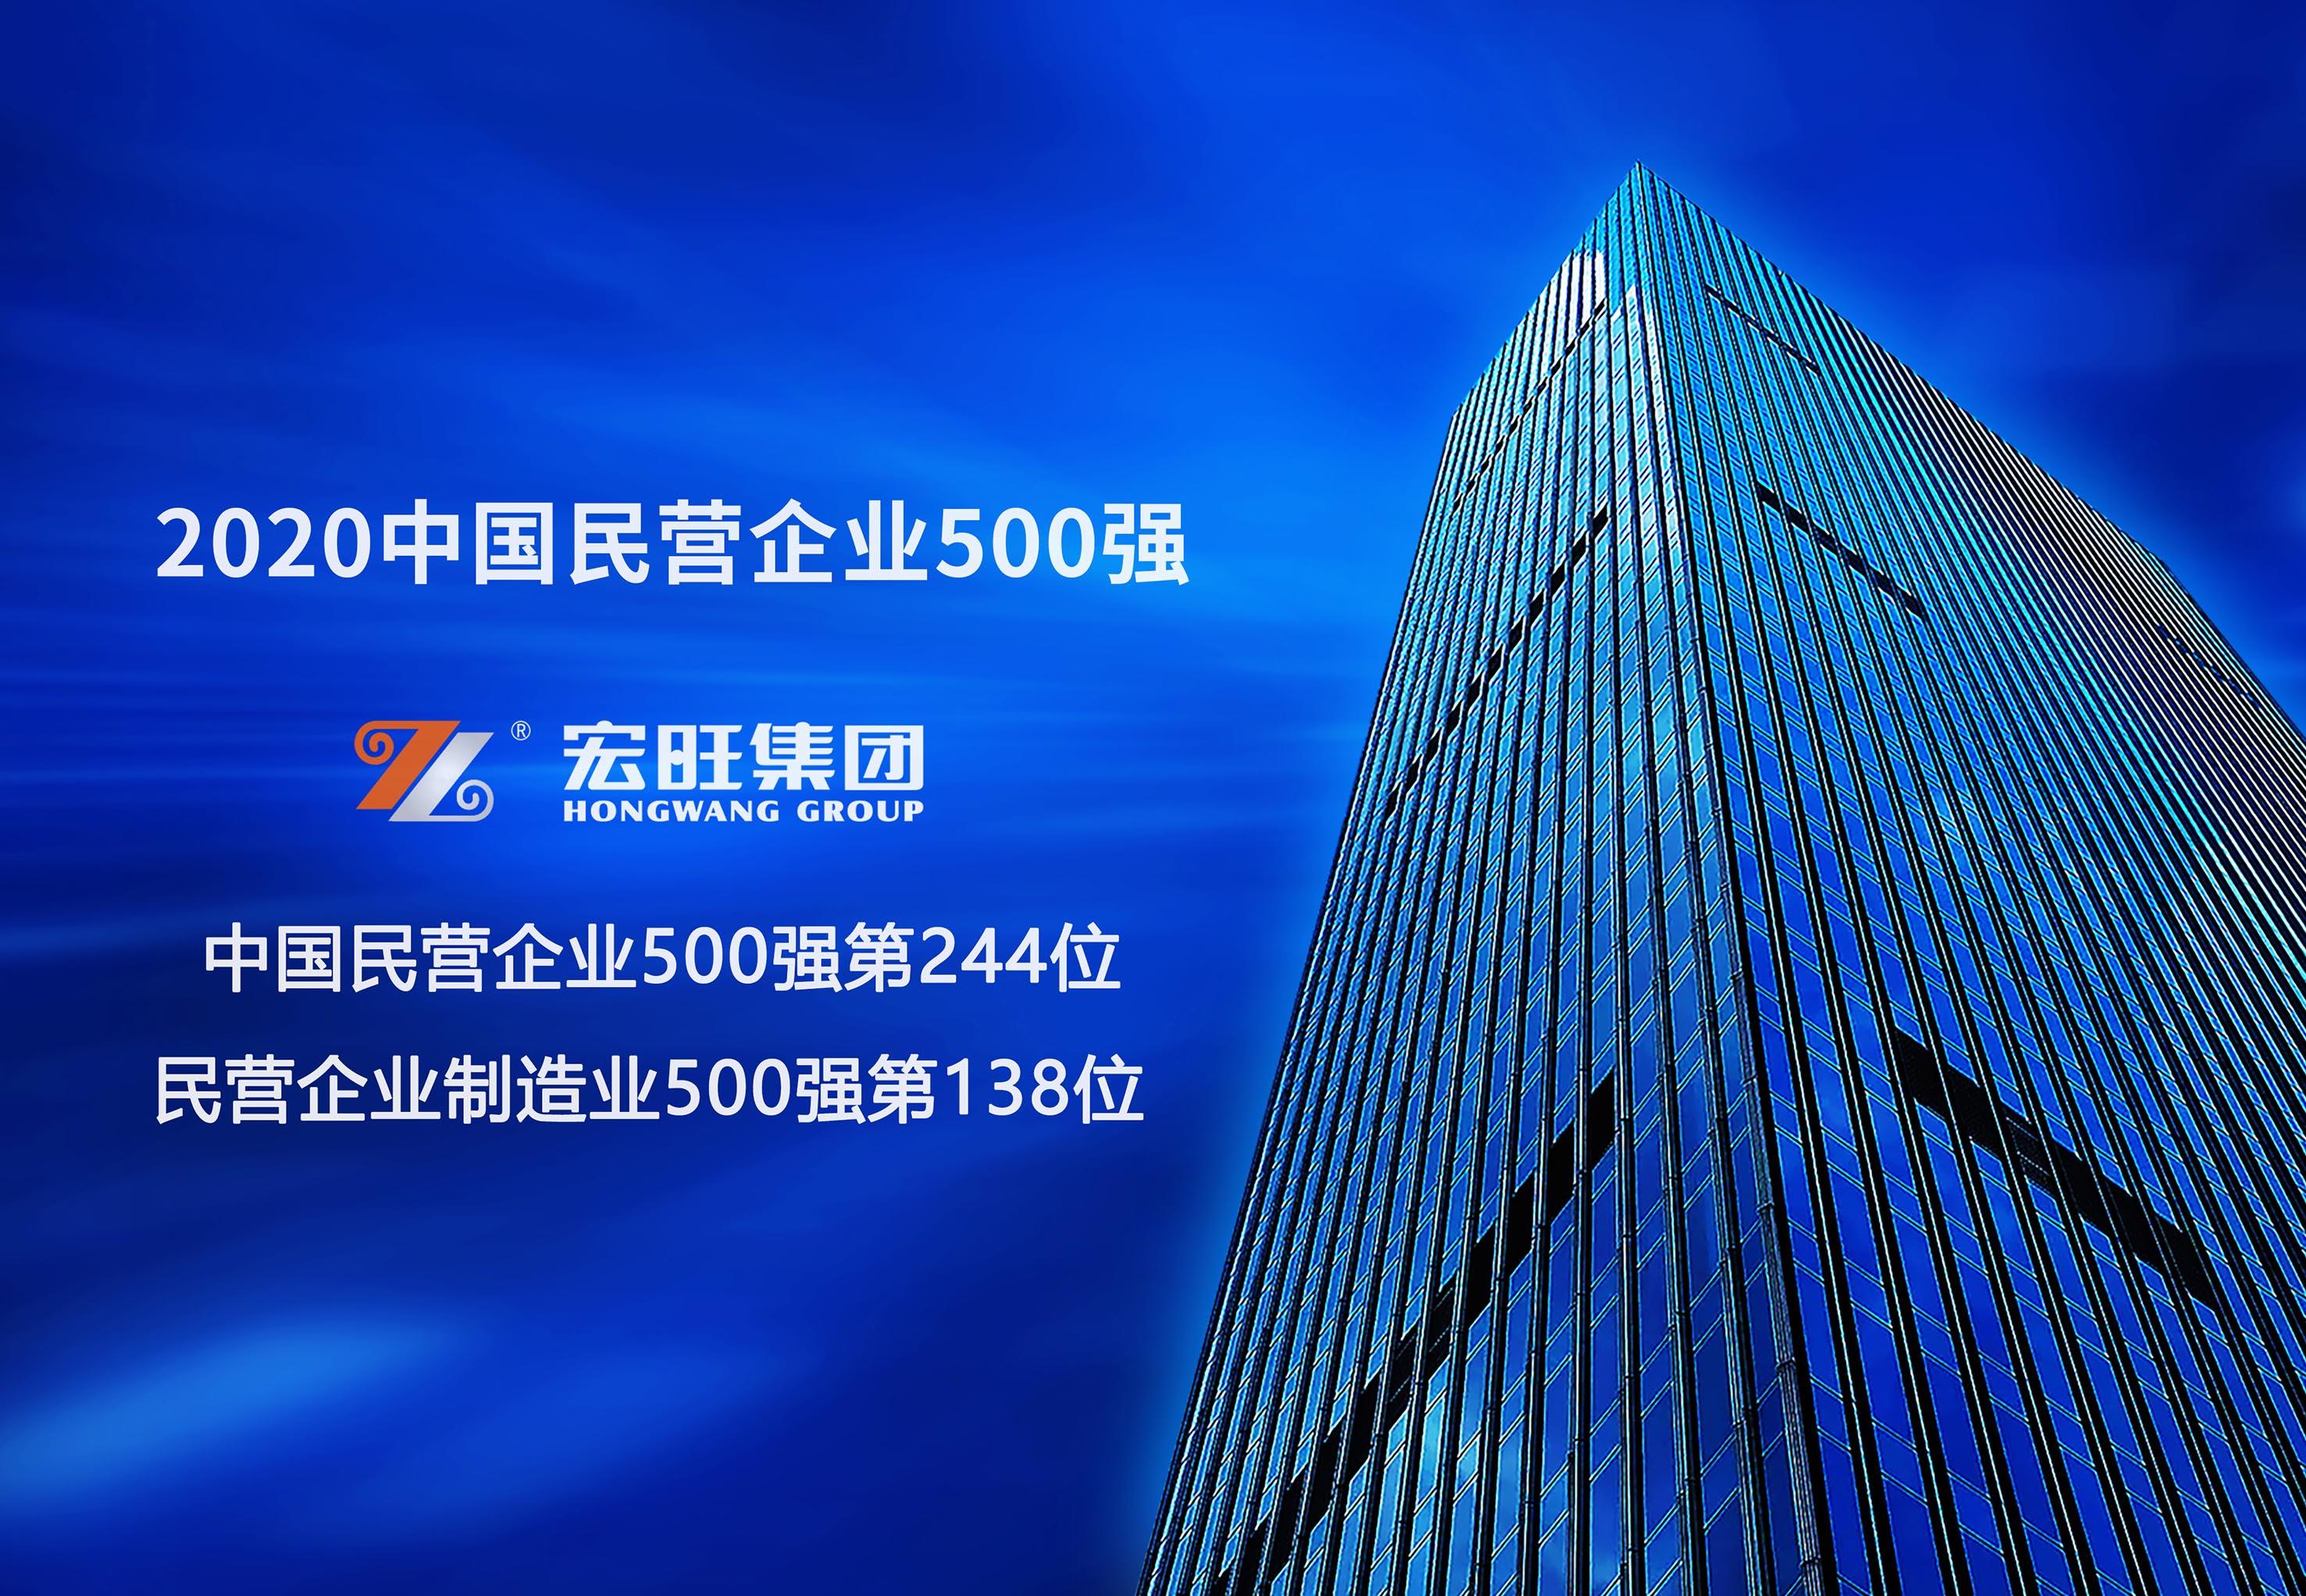 亚博全站集团位列2020年中国民营企业500强第244位